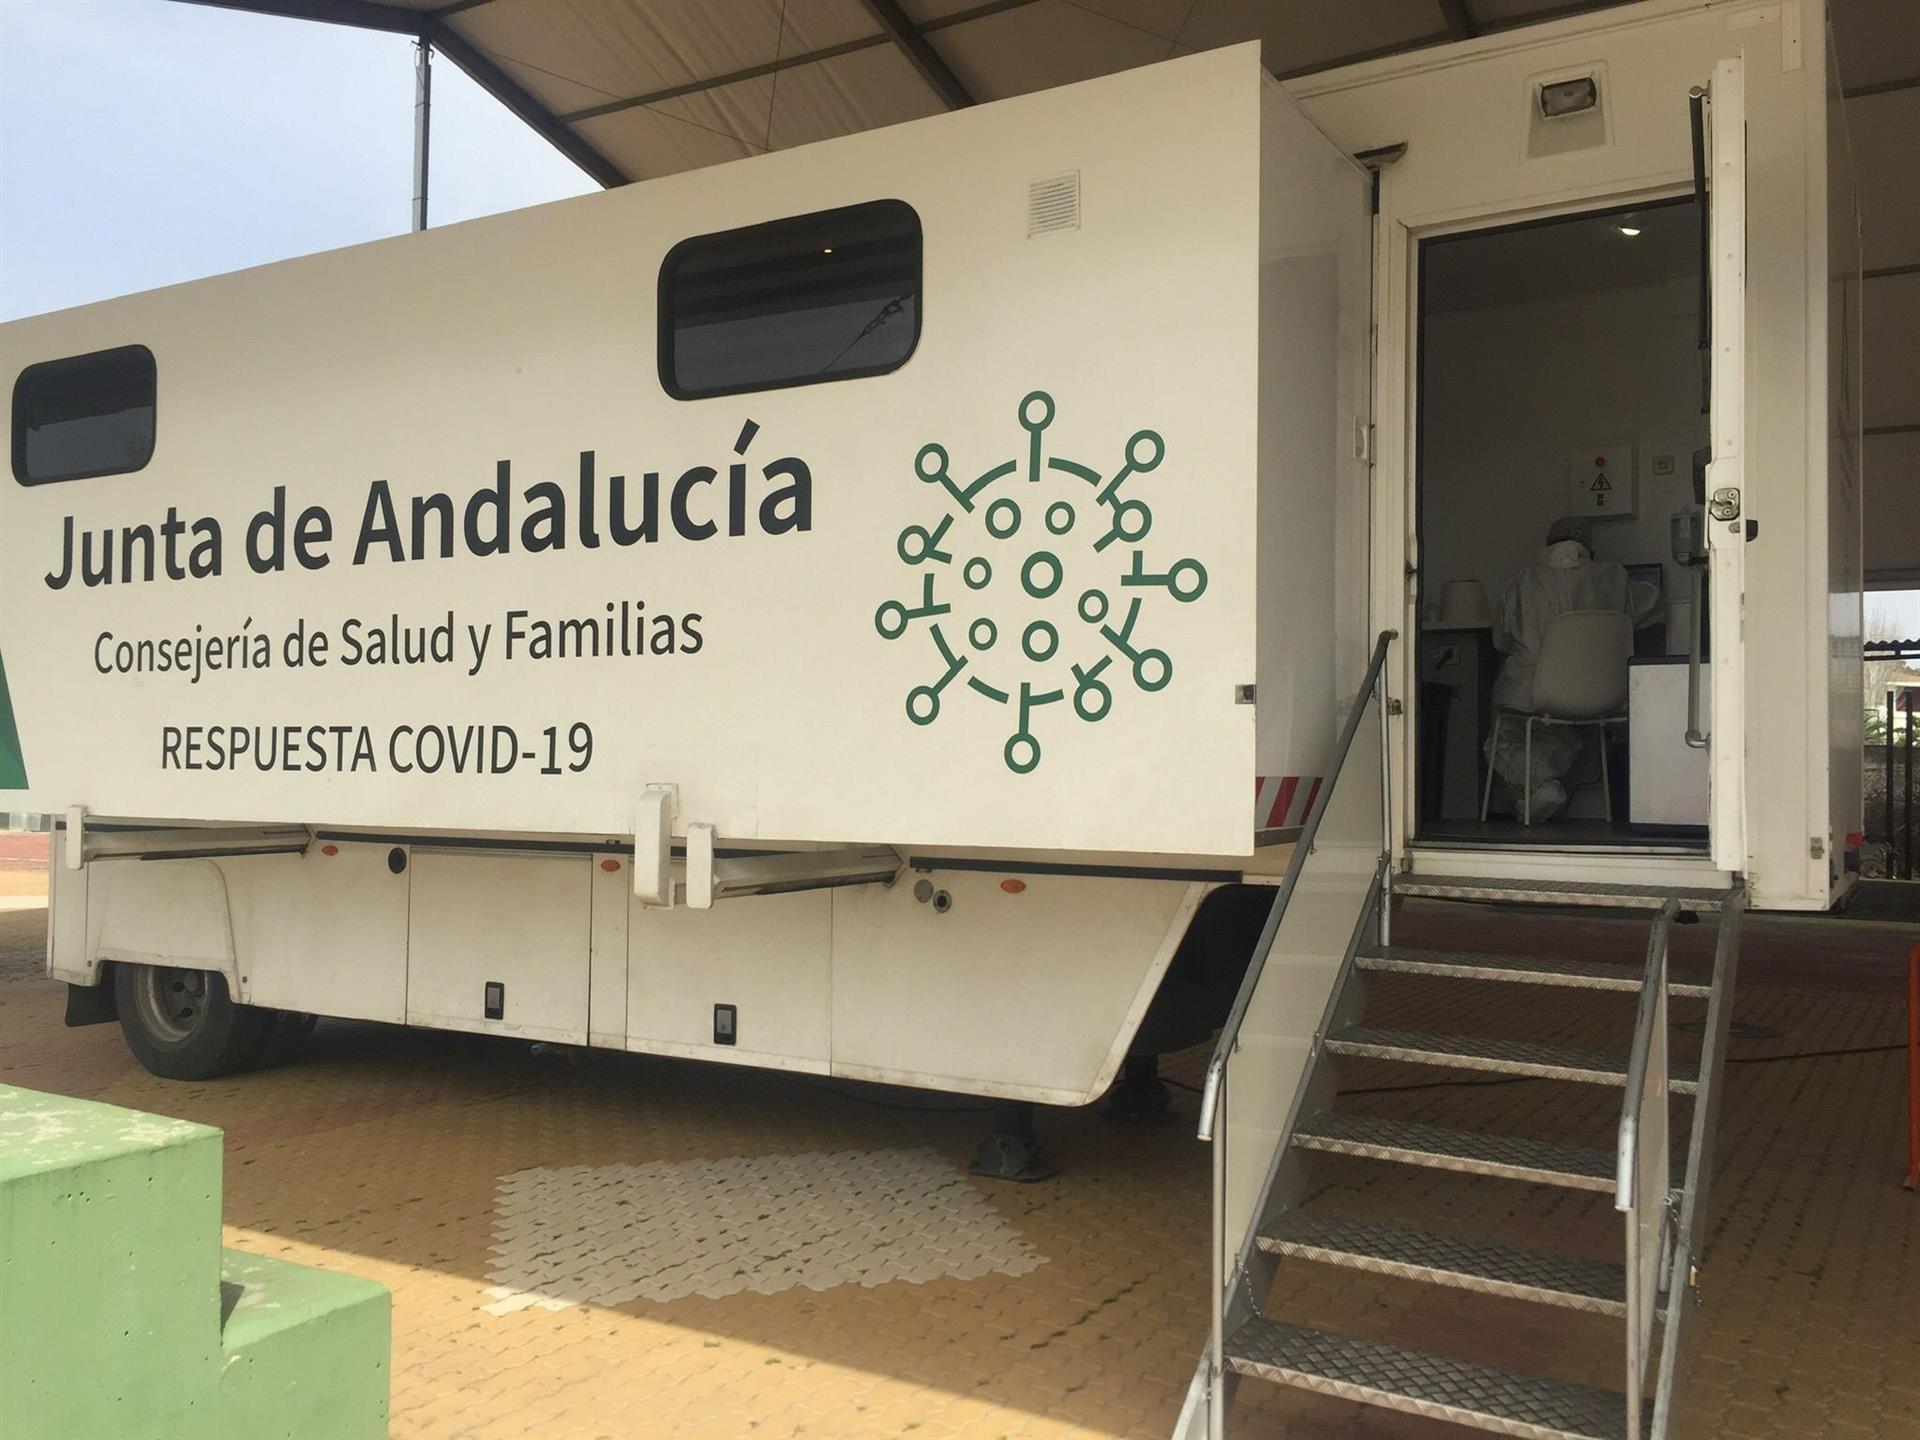 La Junta realizará cribados poblacionales en 28 municipios de todas las provincias andaluzas